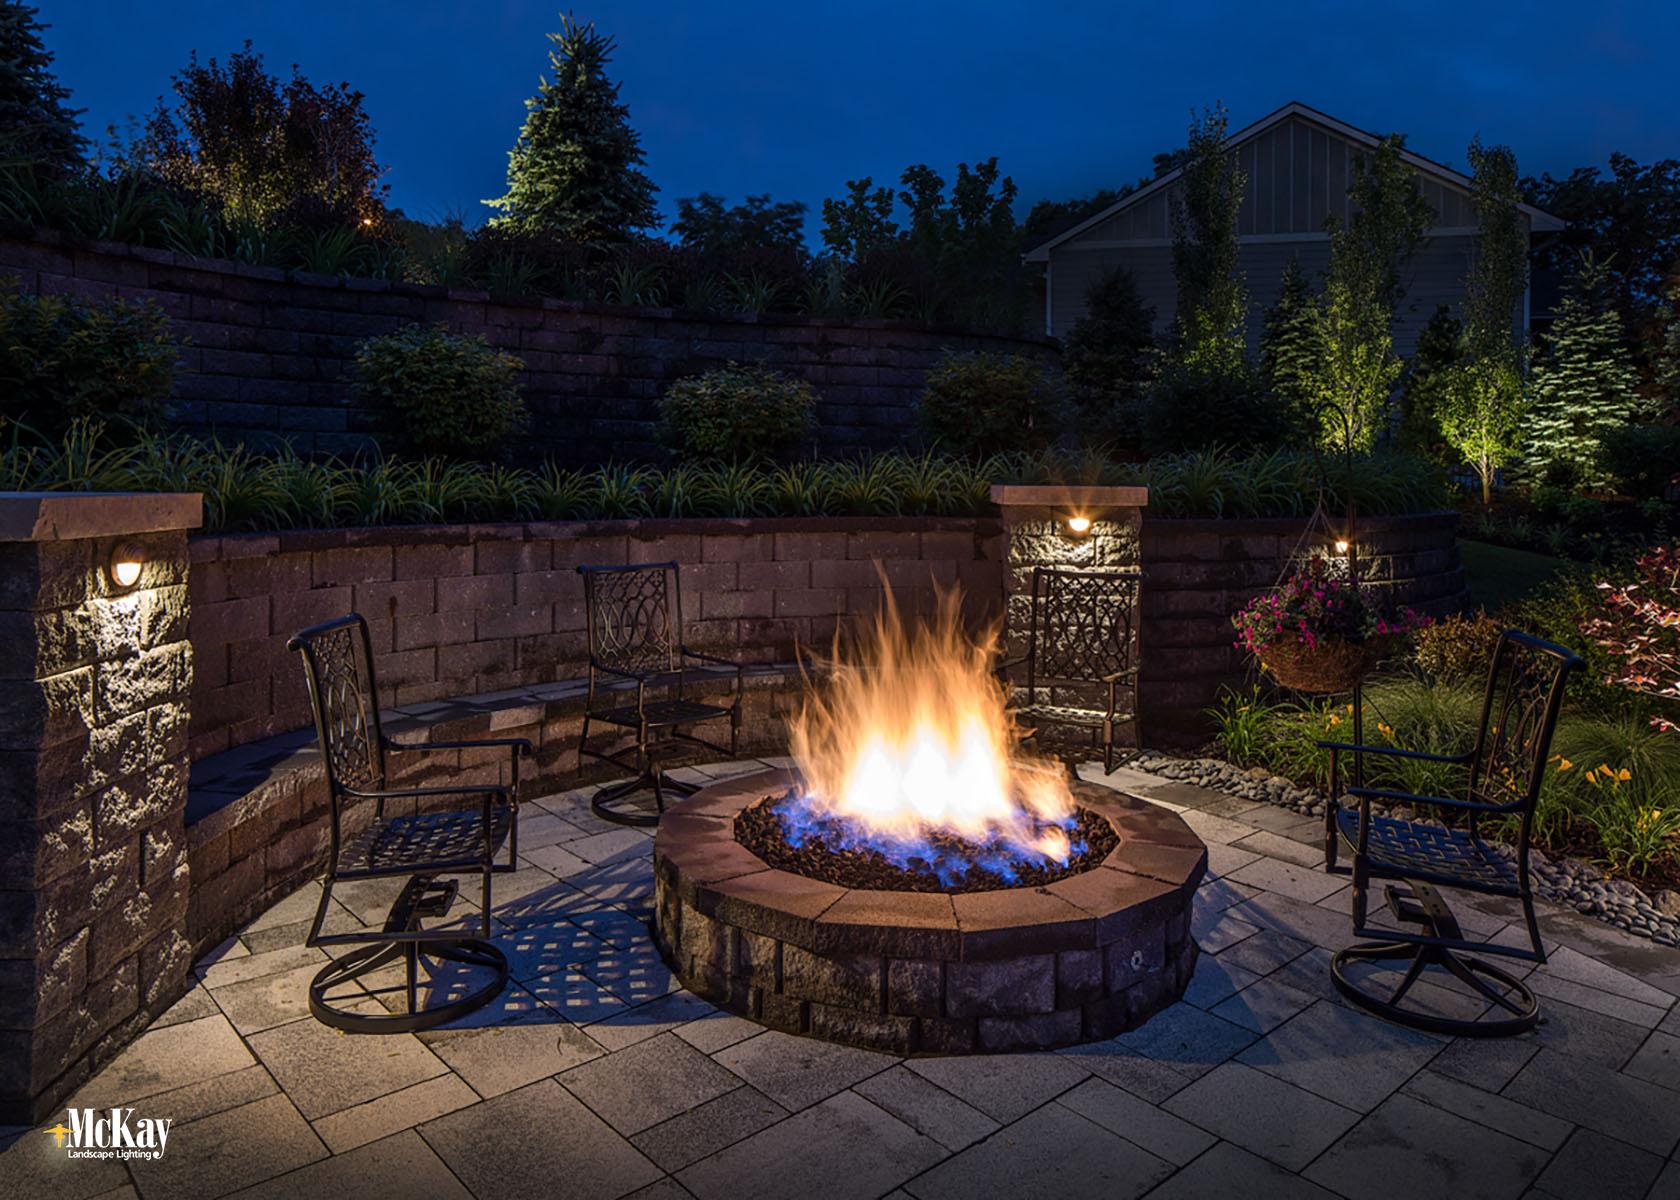 Landscape Lighting Design: Outdoor Fire Pit Lighting Elkhorn Nebraska McKay Landscape Lighting